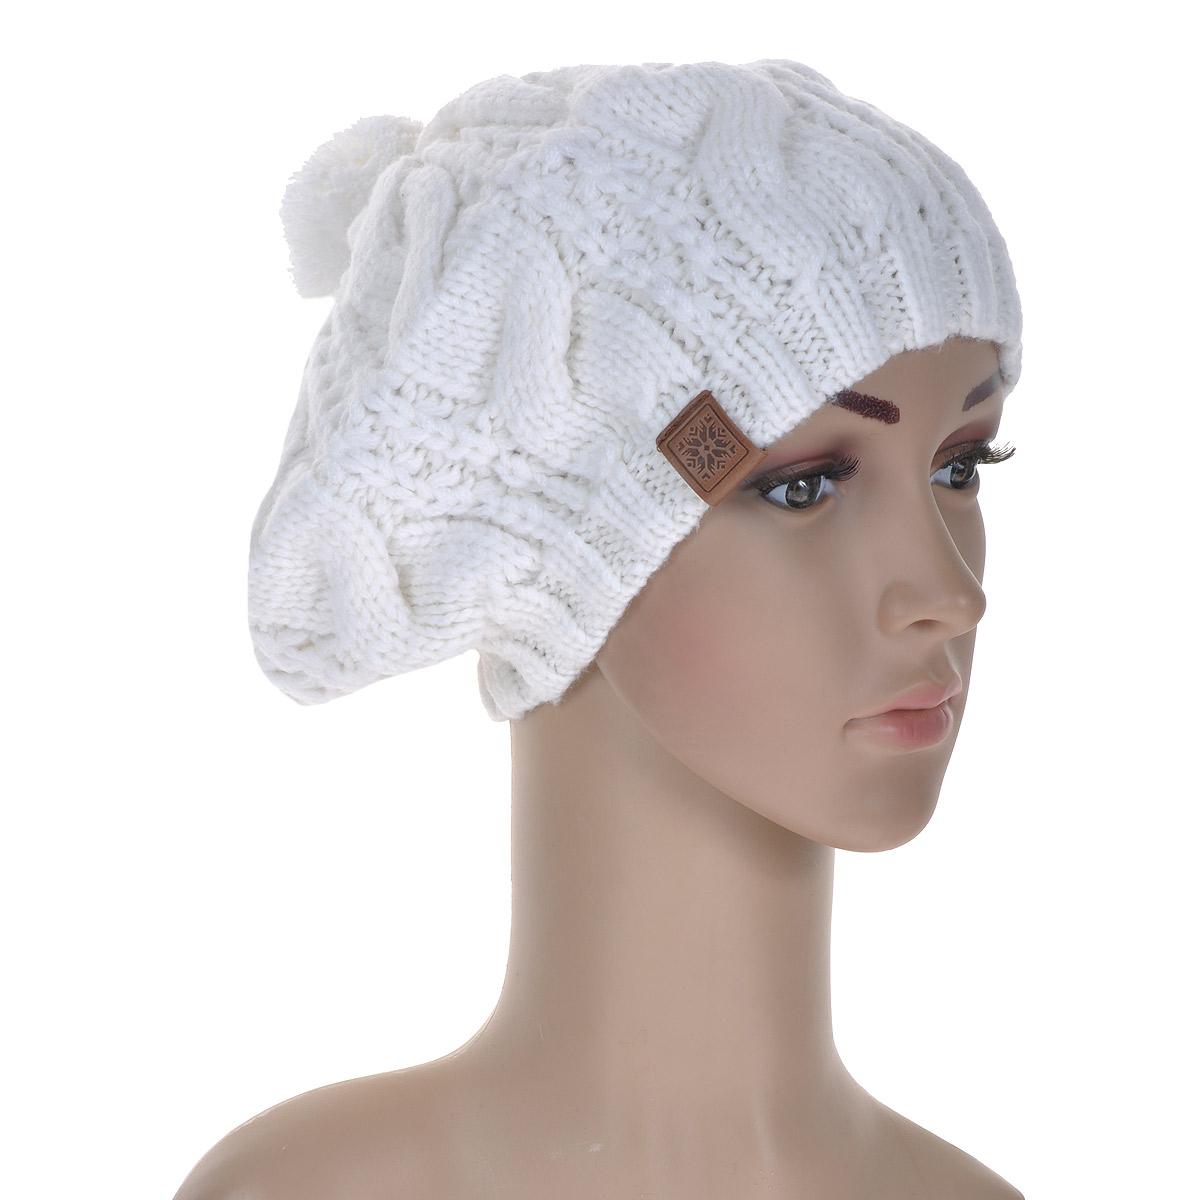 Берет4096Женский вязаный берет Marhatter классического кроя отлично дополнит ваш образ. Берет, выполненный из шерсти и акрила, максимально сохраняет тепло, хорошо тянется и отлично сидит на голове. Берет на макушке оформлен забавным помпоном. Такой берет составит идеальный комплект с модной верхней одеждой, в нем вам будет уютно и тепло!